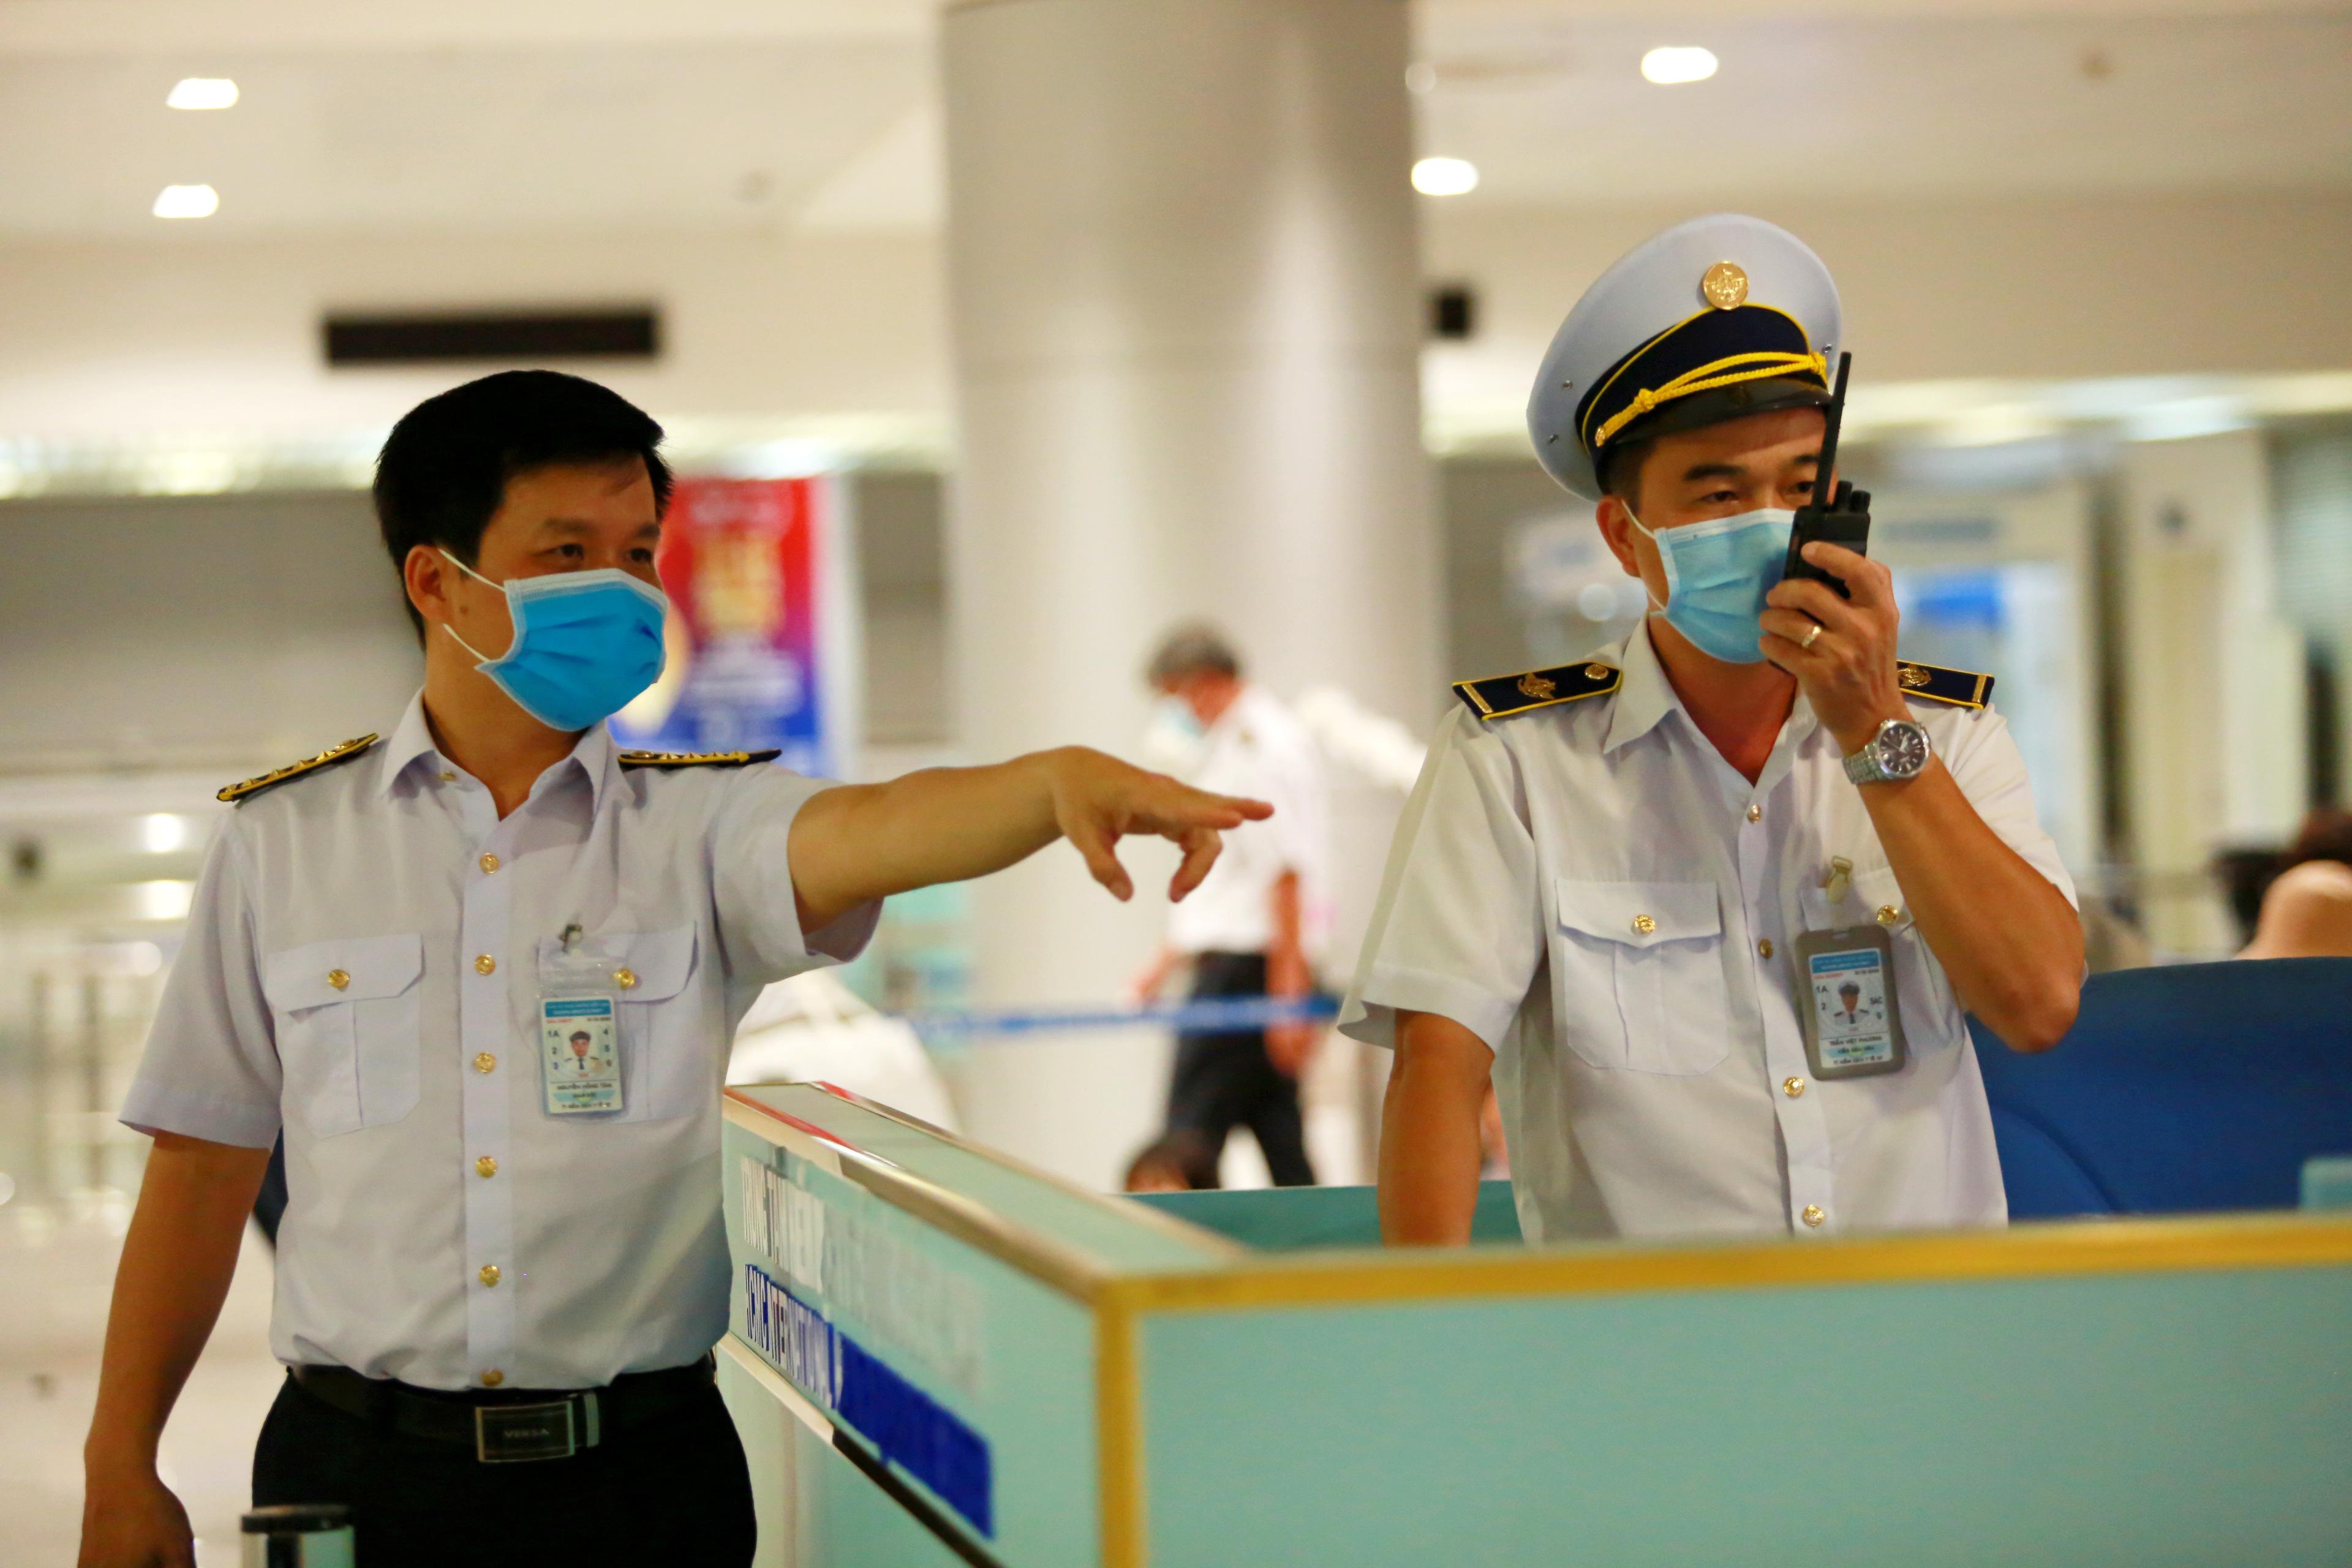 Theo ông Nguyễn Hồng Tâm - Giám đốc trung tâm kiểm dịch y tế Quốc tế, trung bình mỗi ngày có hơn 1.000 khách từ Hàn Quốc tới Việt Nam, trong đó có nhiều người Việt Nam.